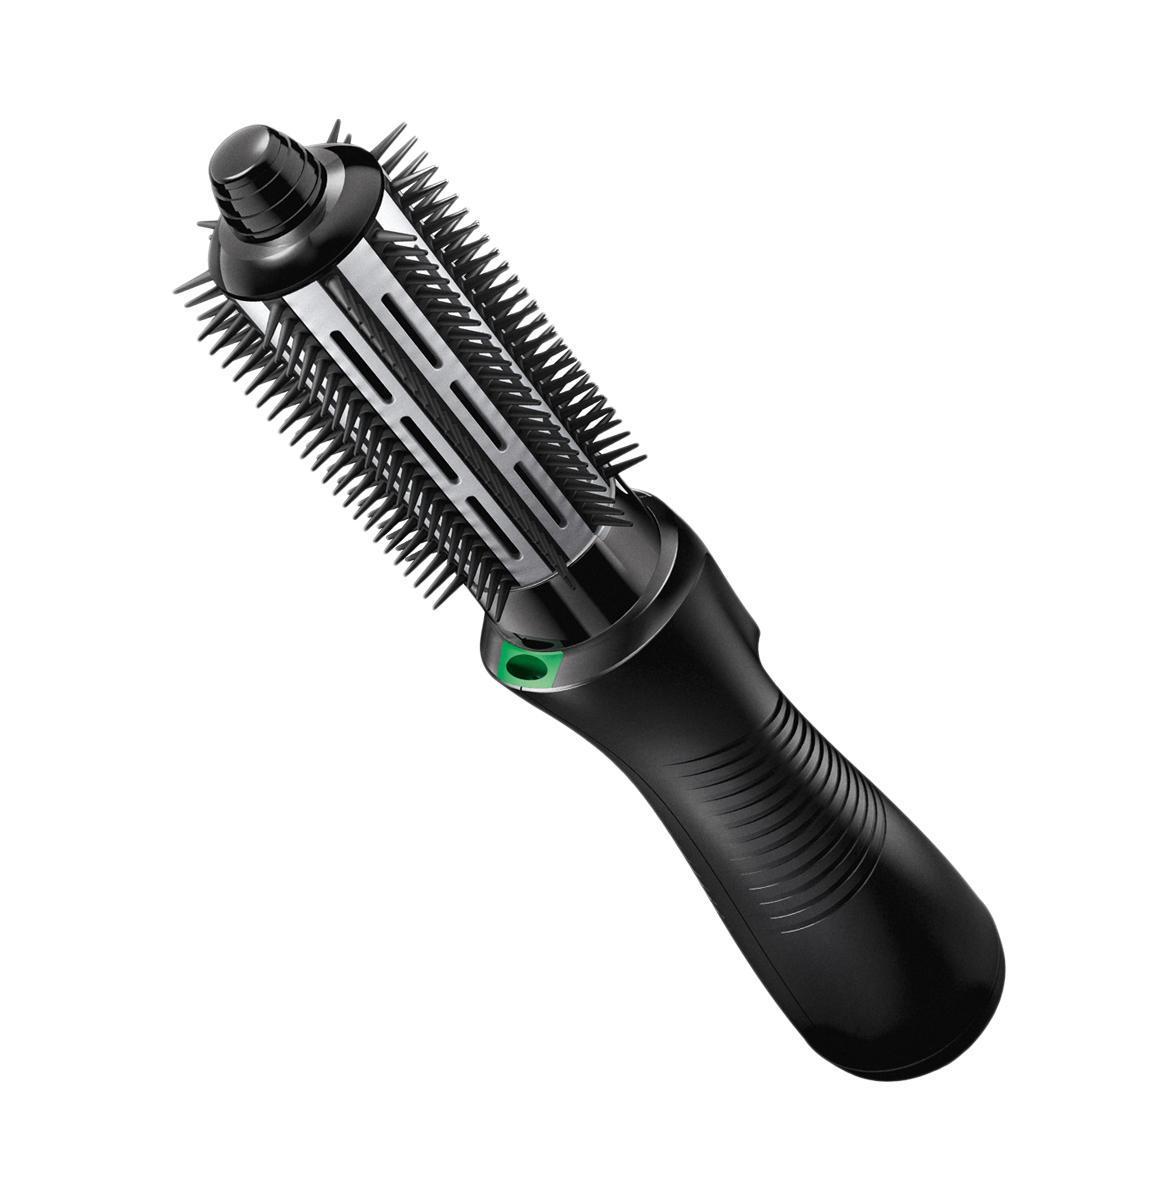 Фен-щетка Braun Satin Hair 7 AS720ZZ009088Функция ионизации Если в арсенале модницы имеется фен-щетка от Braun AS 720, красивая прическа, быстрая укладка, потрясающий внешний вид – все это не проблема. Она оснащена функцией Iontec. Частицы активных ионов притягивают влагу из воздуха и направляют к волосу. Восстановить баланс влаги позволяет технология Satin Ions, она придает здоровый блеск волосам. Два режима Фен-щетка имеет несколько режимов, которые позволяют выбрать интенсивность подачи воздуха. Устройство работает с мощностью 700 Вт. Сетчатый фильтр защищает волосы от случайных повреждений и ломкости, которые могут возникнуть в процессе сушки. Очень простая конструкция Braun Satin Hair AS 720 и легкое применение гарантируют отличный результат в короткий период времени. Нет необходимости обращаться за помощью к мастеру, использовать дополнительные приспособления, тратить лишнее время. Две насадки Фен-щетка имеет в комплекте две насадки. Для формирования локонов применяется круглая щетка, ней же вы...